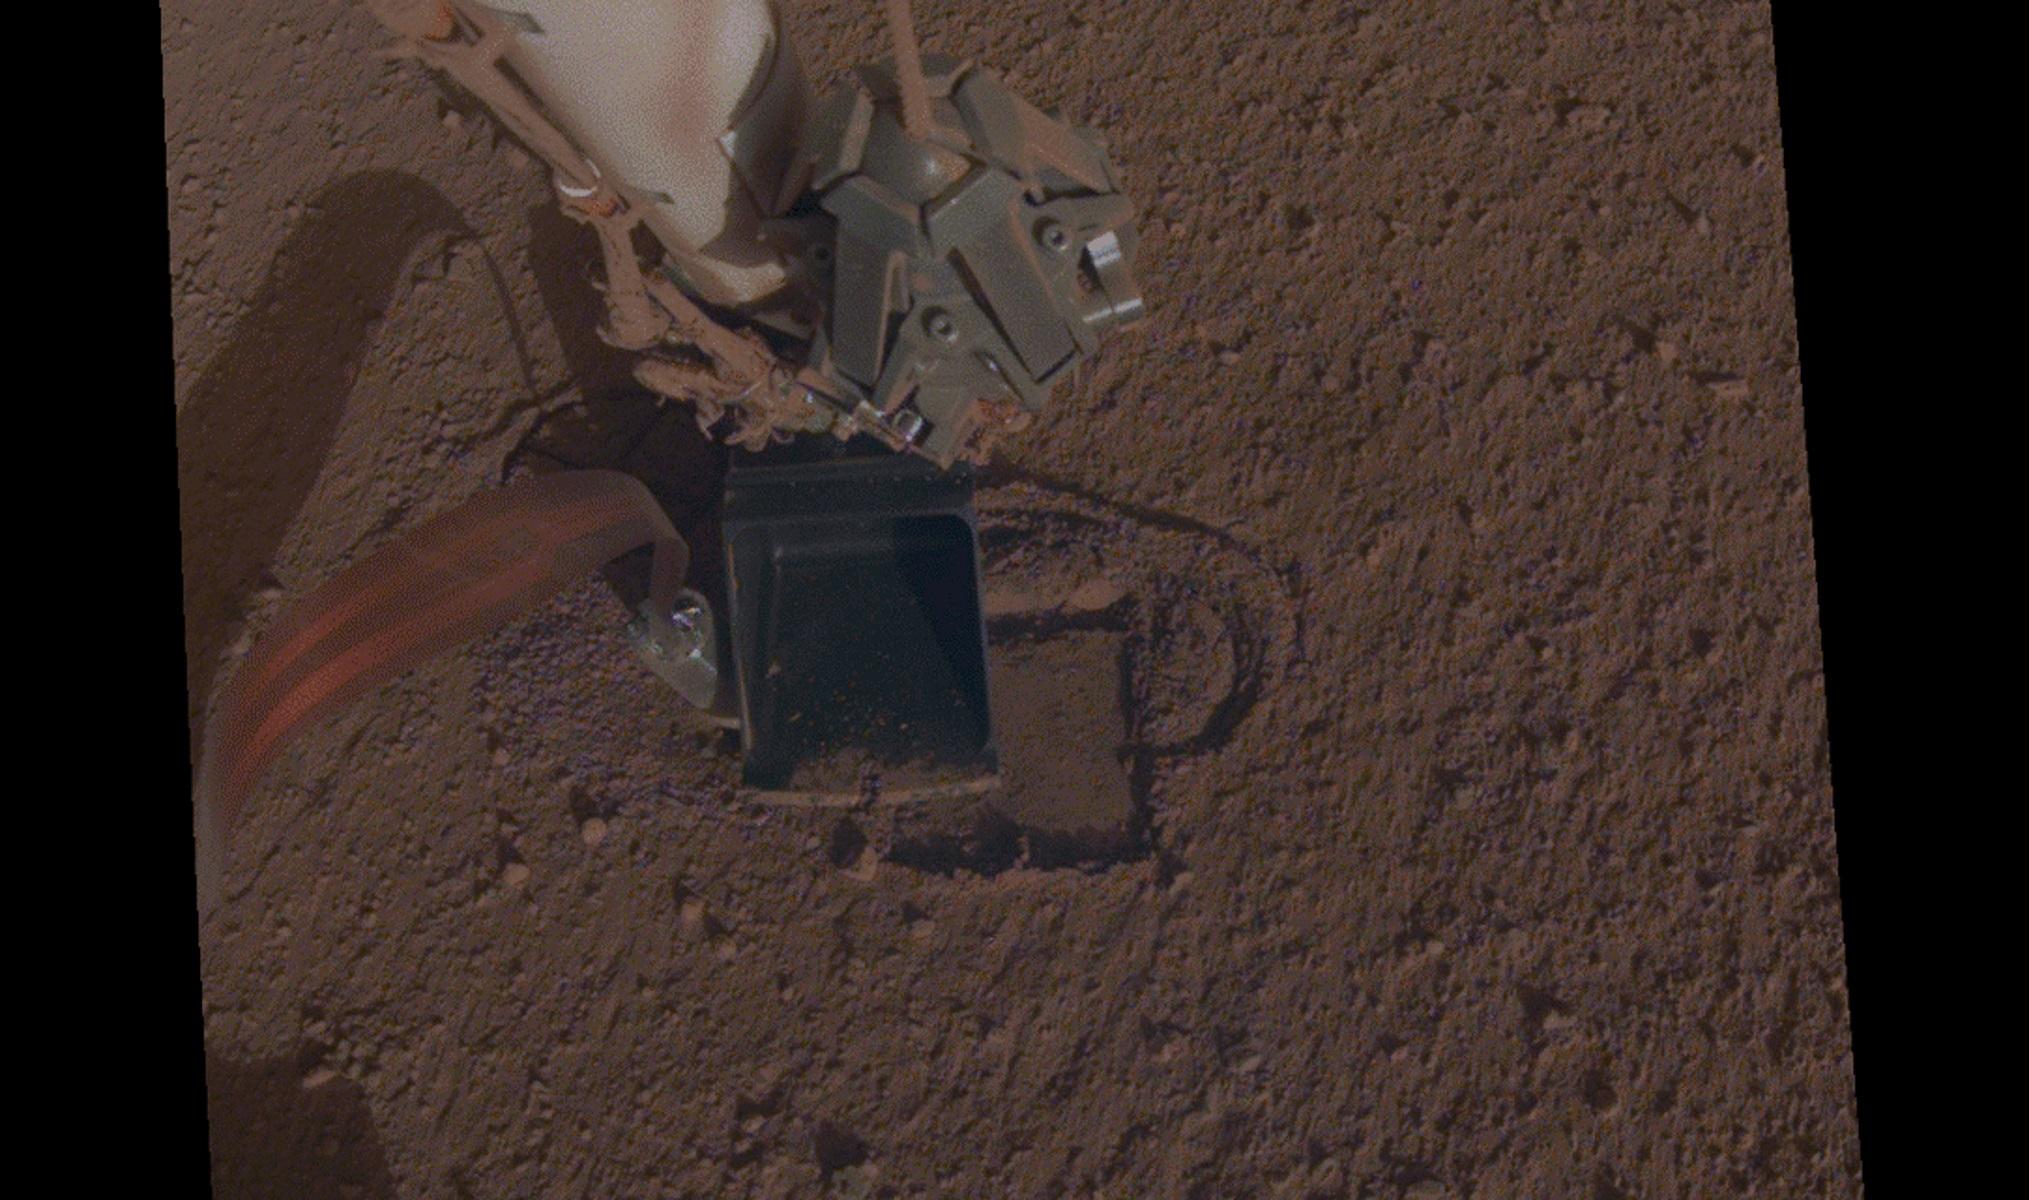 """Ο """"τυφλοπόντικας"""" του InSight σκάβει ξανά στον Άρη [Pic]"""